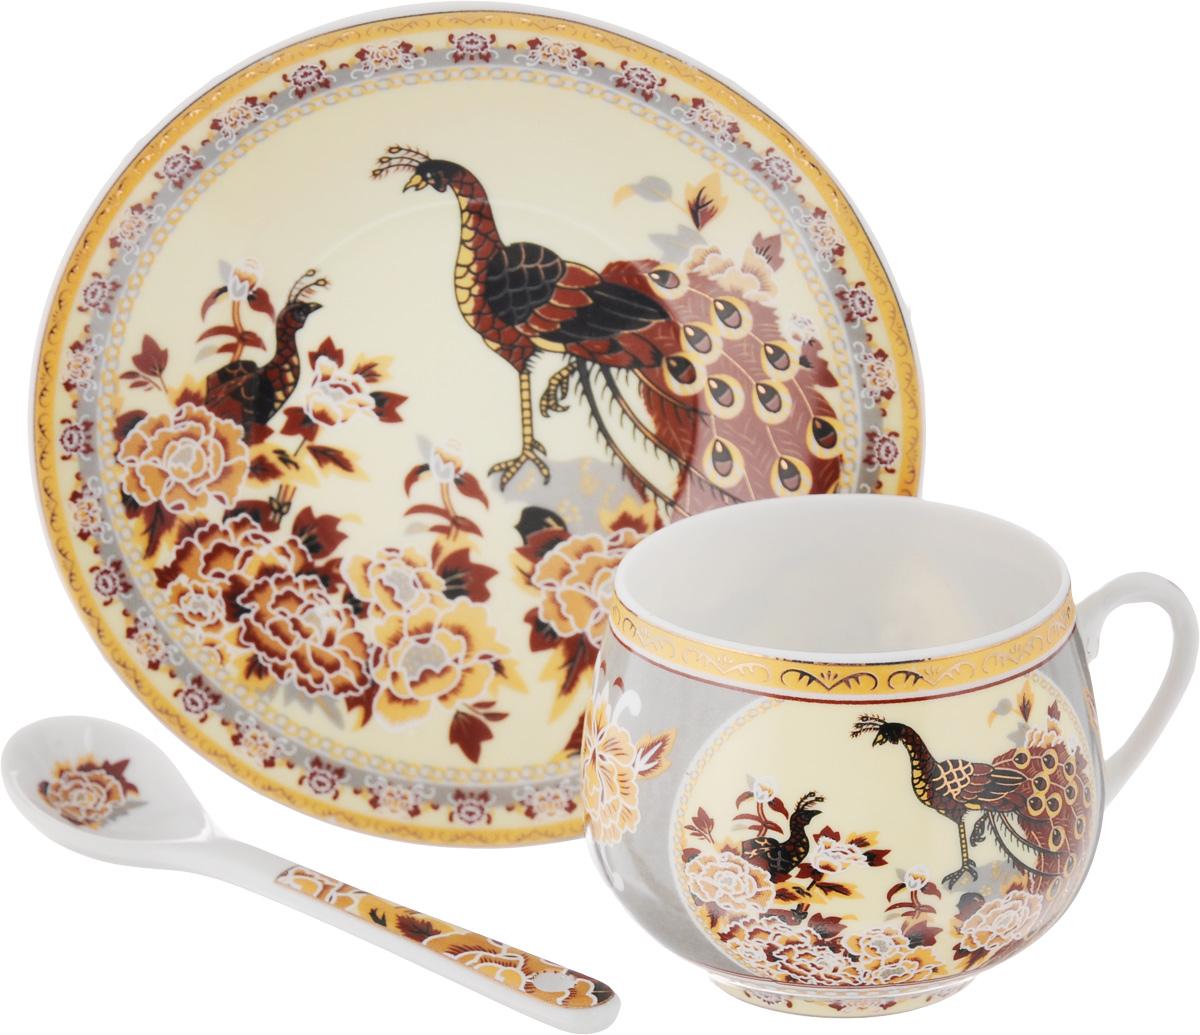 Кофейная пара Elan Gallery Павлин на золоте с ложкой, 130 мл730432Кофейная пара Elan Gallery Павлин на золоте с ложкой выполнены из керамики высокого качества и оформлены красочными рисунками. Яркий дизайн, несомненно, придется по вкусу. Кофейная пара Elan Gallery Павлин на золоте украсит ваш кухонный стол, а также станет замечательным подарком к любому празднику. Объем чашки: 130 мл. Диаметр чашки (по верхнему краю): 5,5 см. Диаметр основания: 3,5 см. Высота чашки: 5,5 см. Диаметр блюдца: 11,5 см. Длина ложки: 10 см.